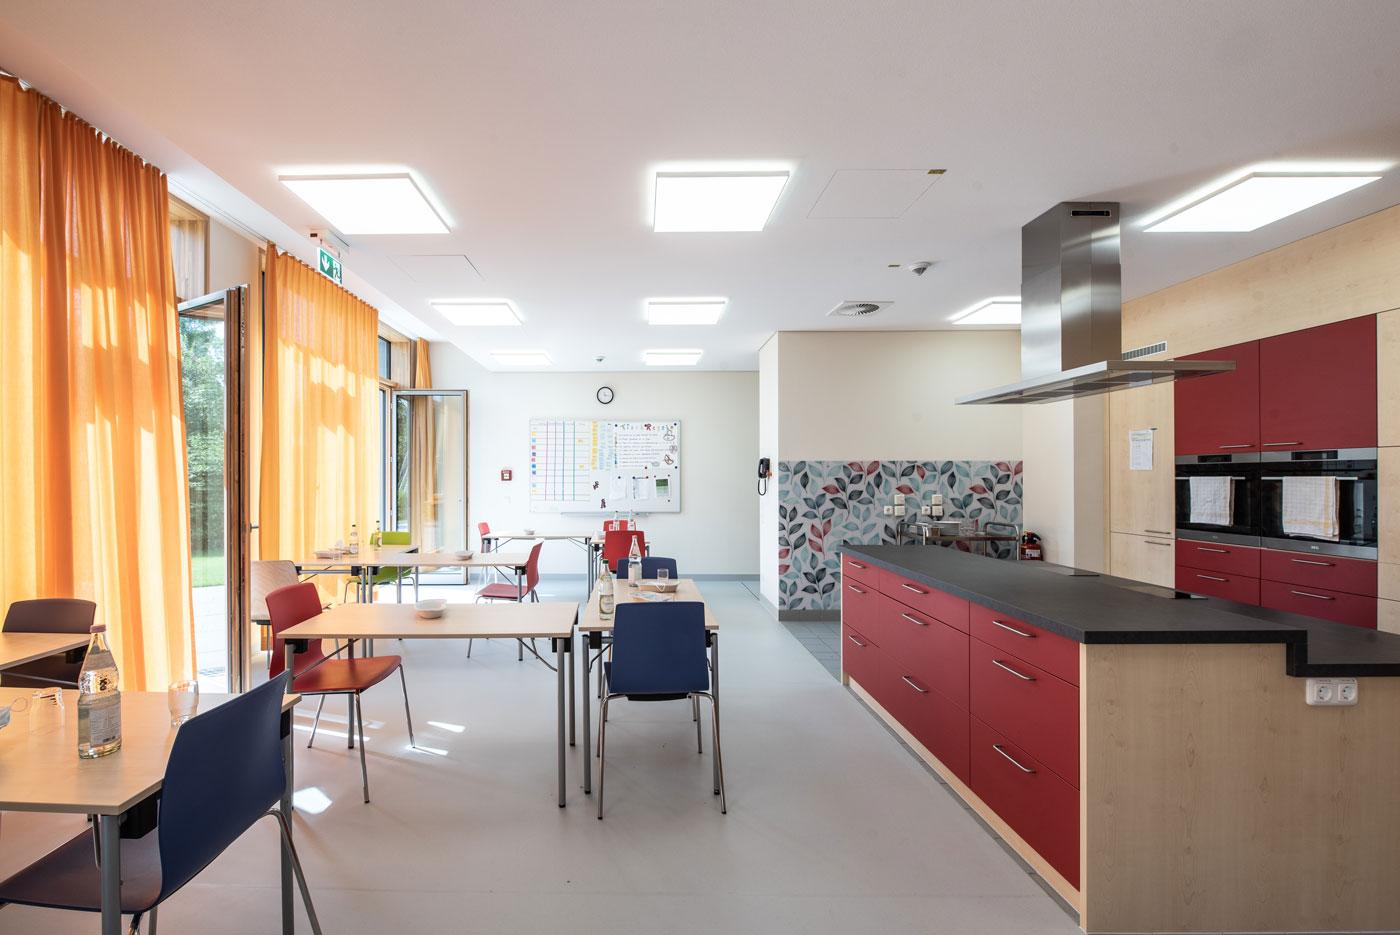 Küche und Speisesaal der Psychosomatik des Kinderkrankenhaus St. Marien in Landshut